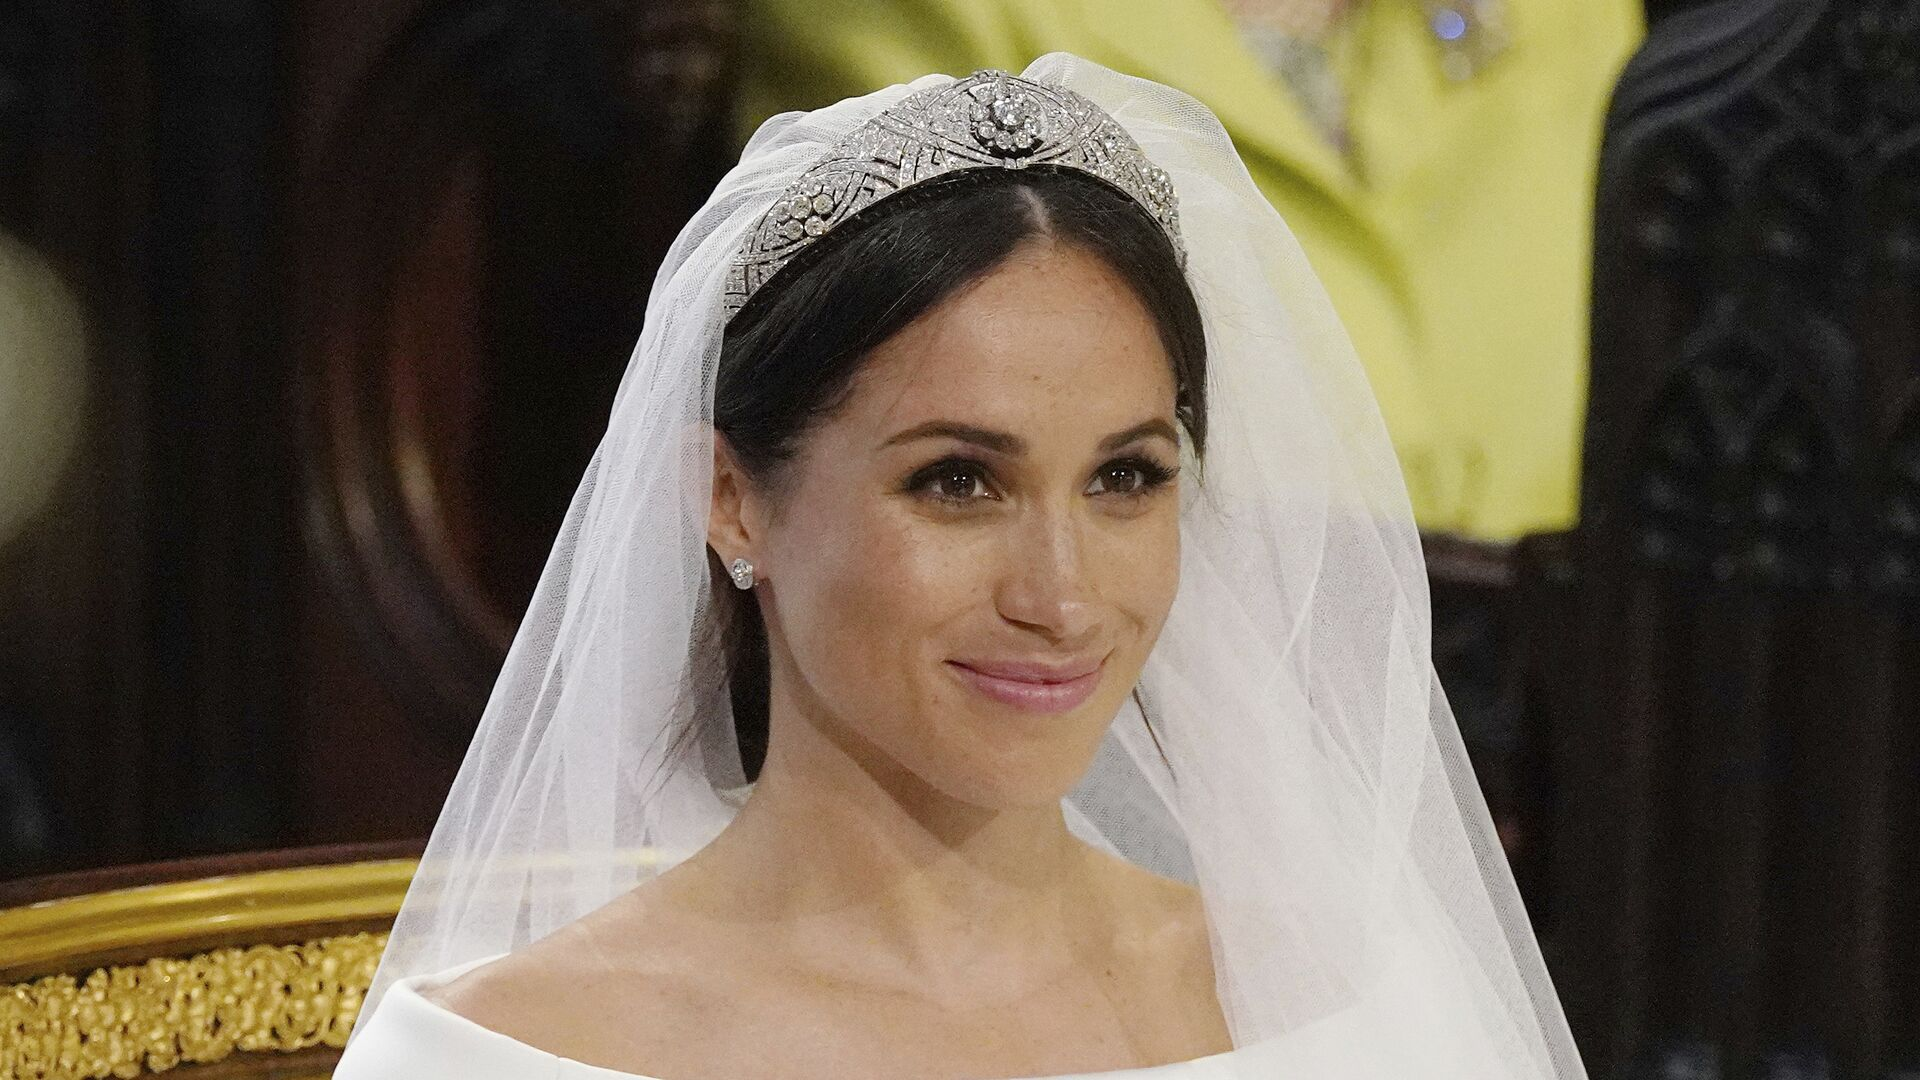 Меган Маркл во время свадебной церемонии в часовне Святого Георгия в Виндзорском замке недалеко от Лондона, Англия. 19 мая 2018  - РИА Новости, 1920, 02.07.2020